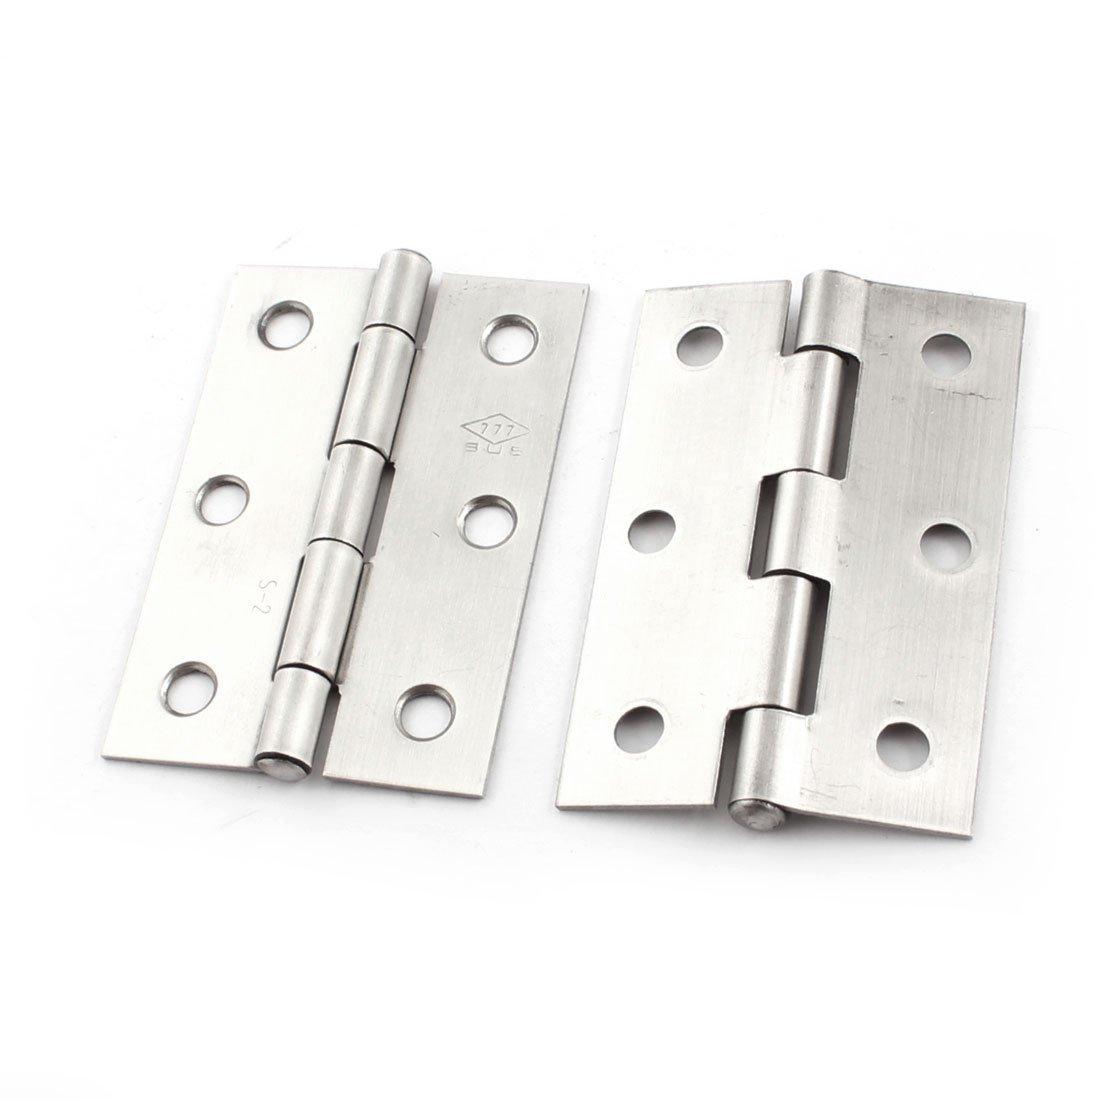 2 piezas para cajones de armarios para puerta acero inoxidable bisagras 65 mm Longitud Sourcingmap a14092200ux1048